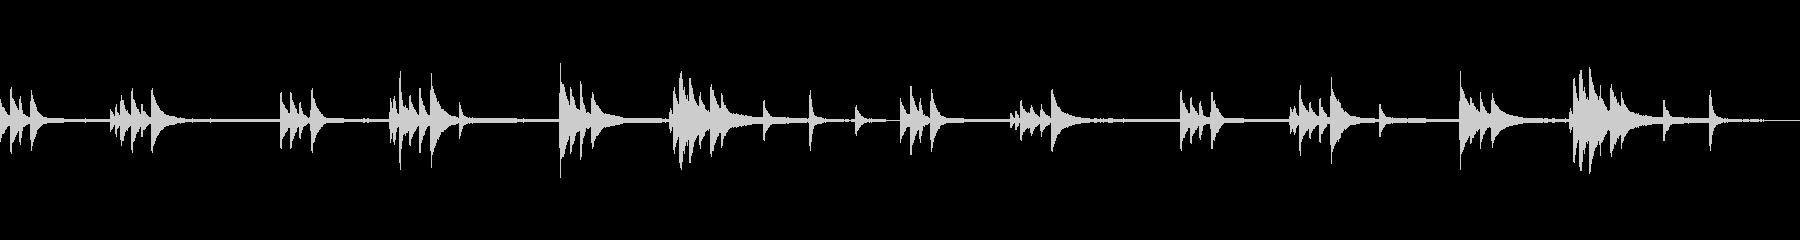 【劇伴】複雑な心情/余白の多いピアノソロの未再生の波形